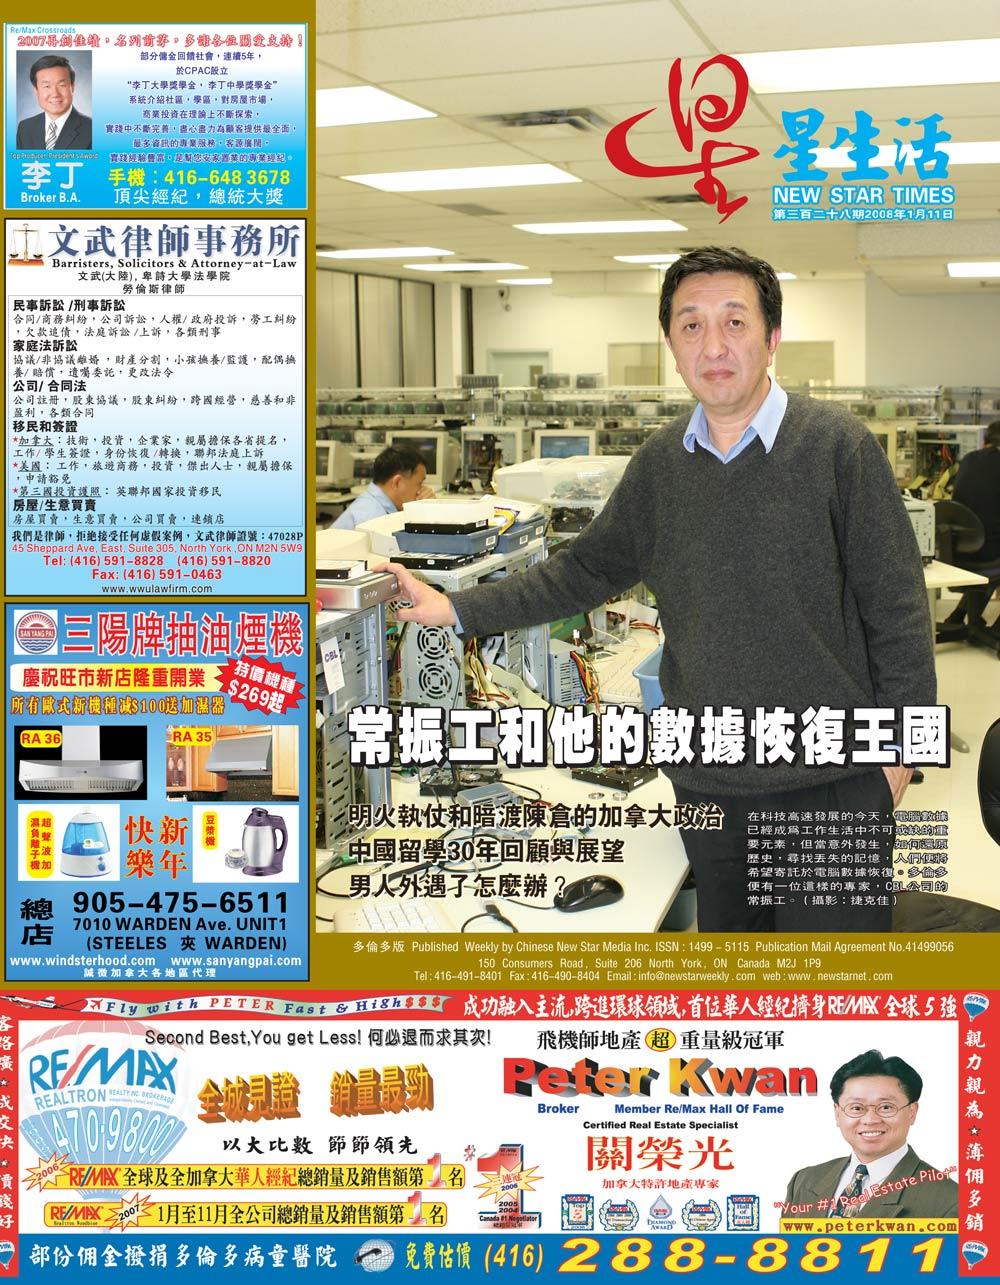 newstar_cover_080111.jpg